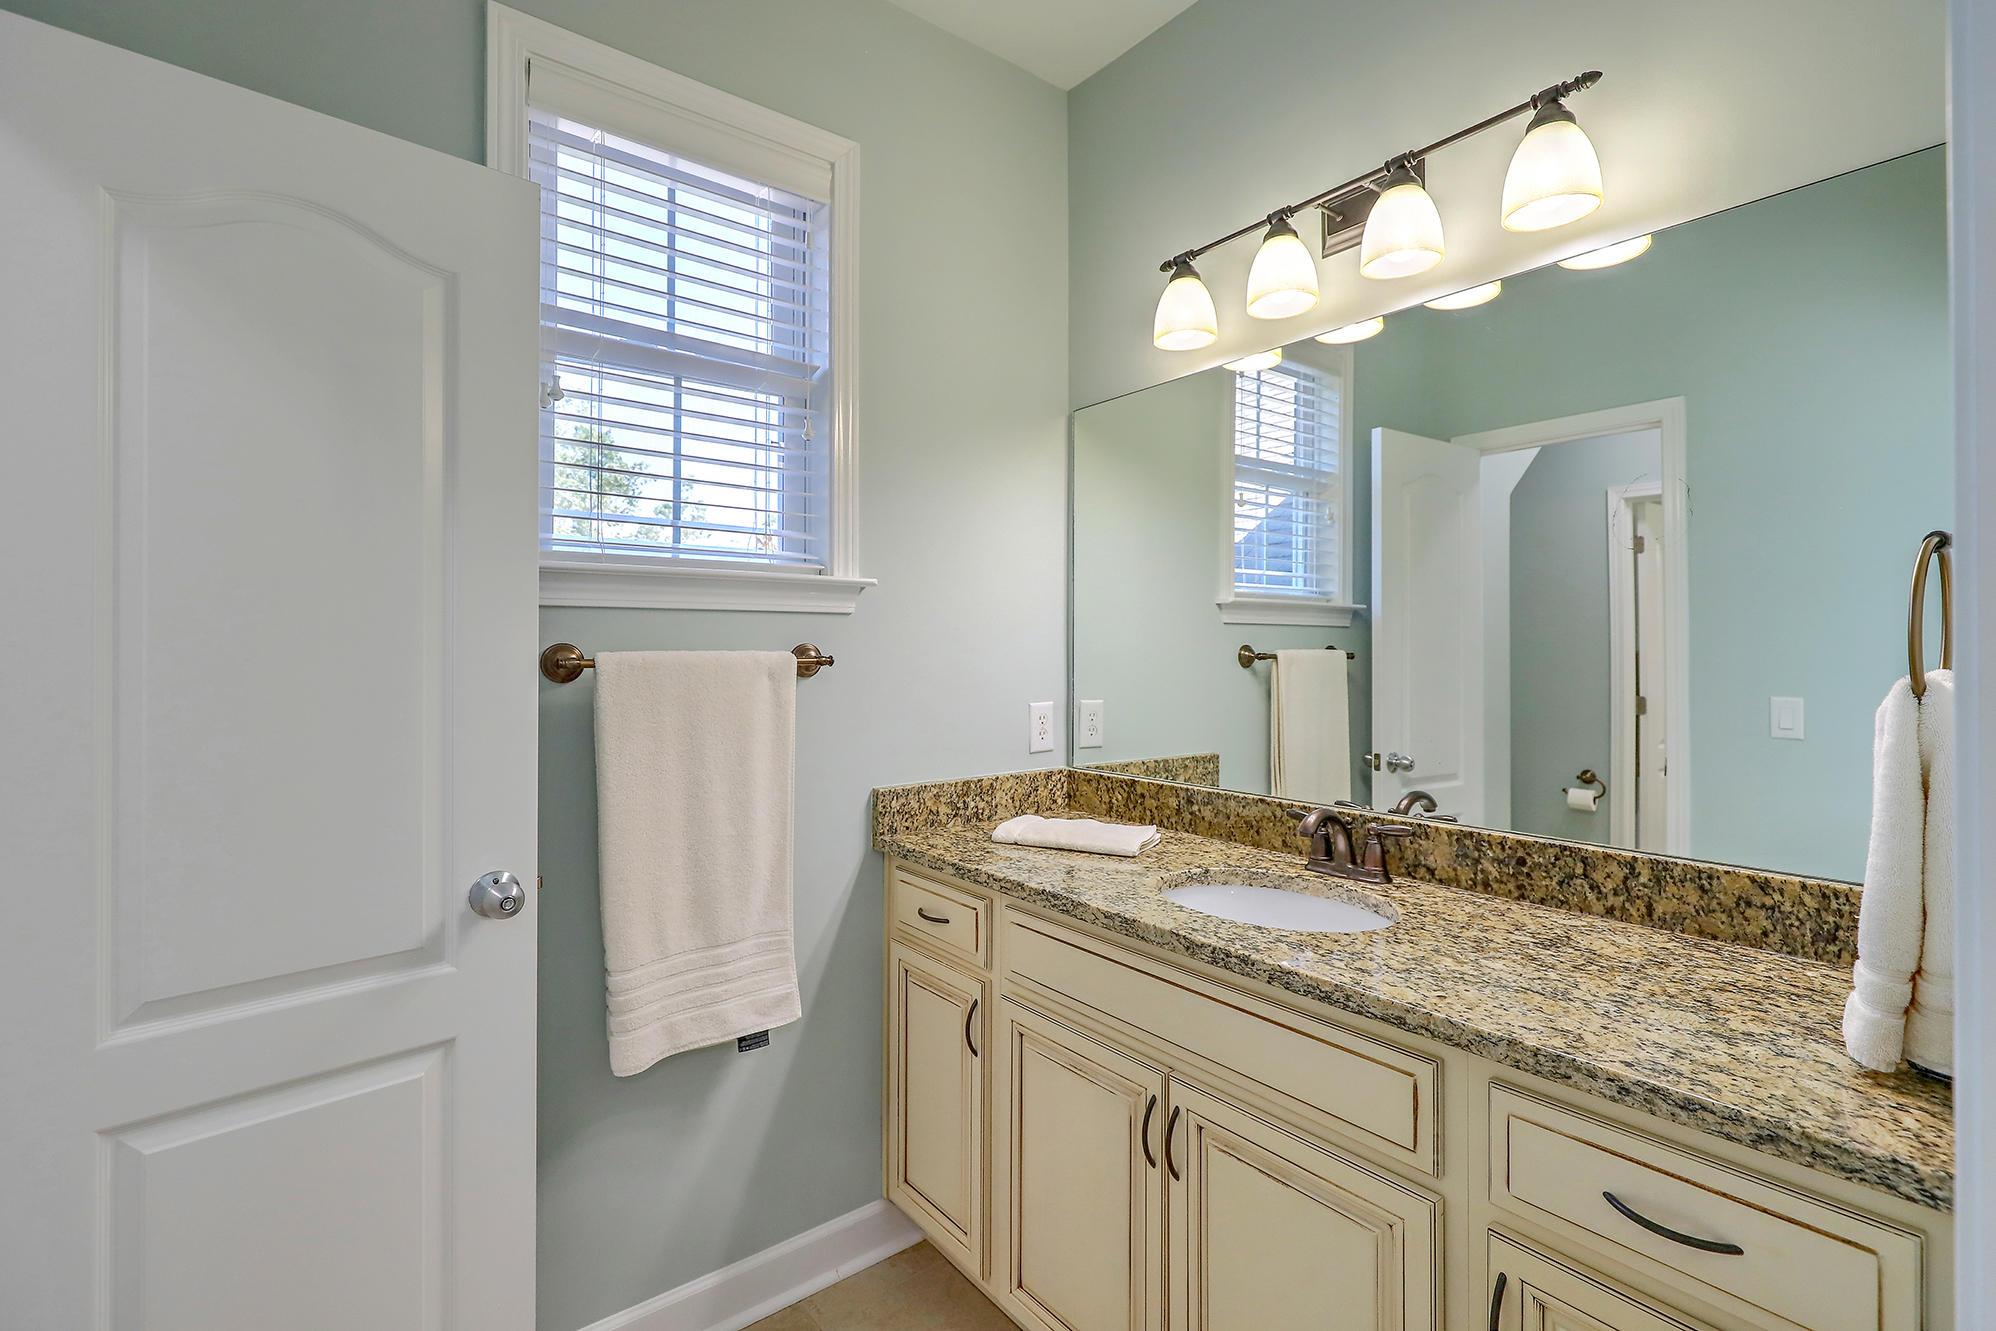 Park West Homes For Sale - 2108 Malcolm, Mount Pleasant, SC - 11